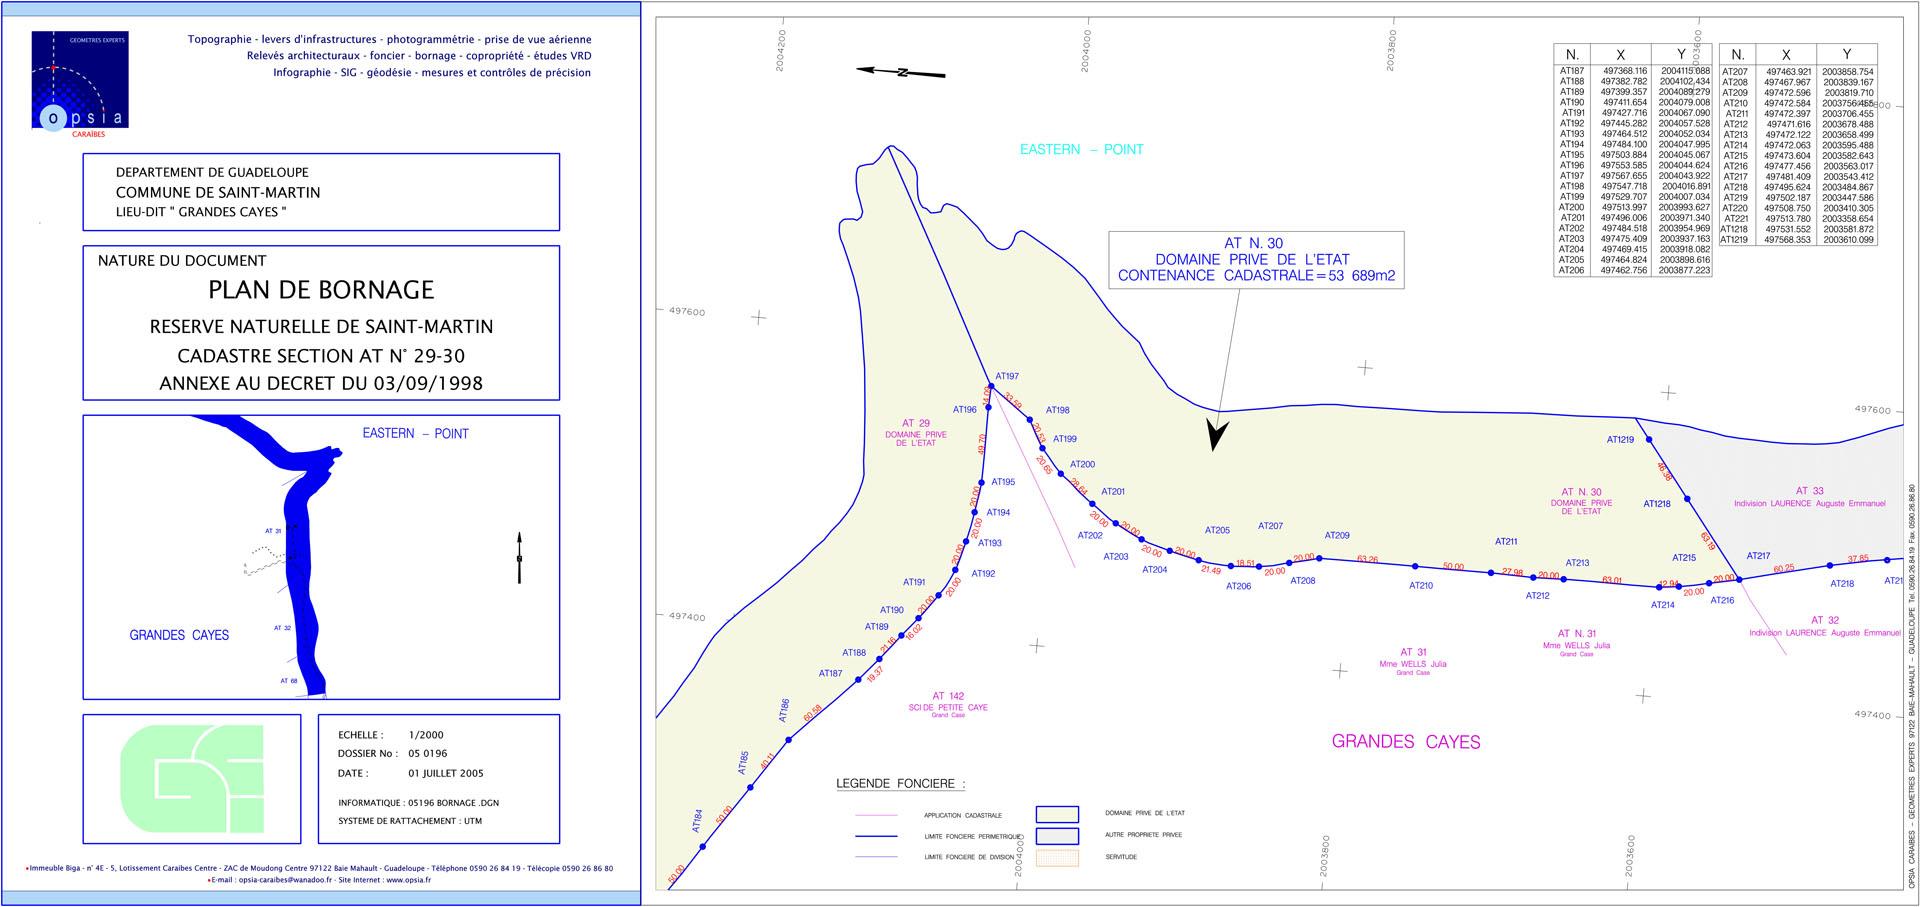 Plan de bornage - Grandes Cayes #2